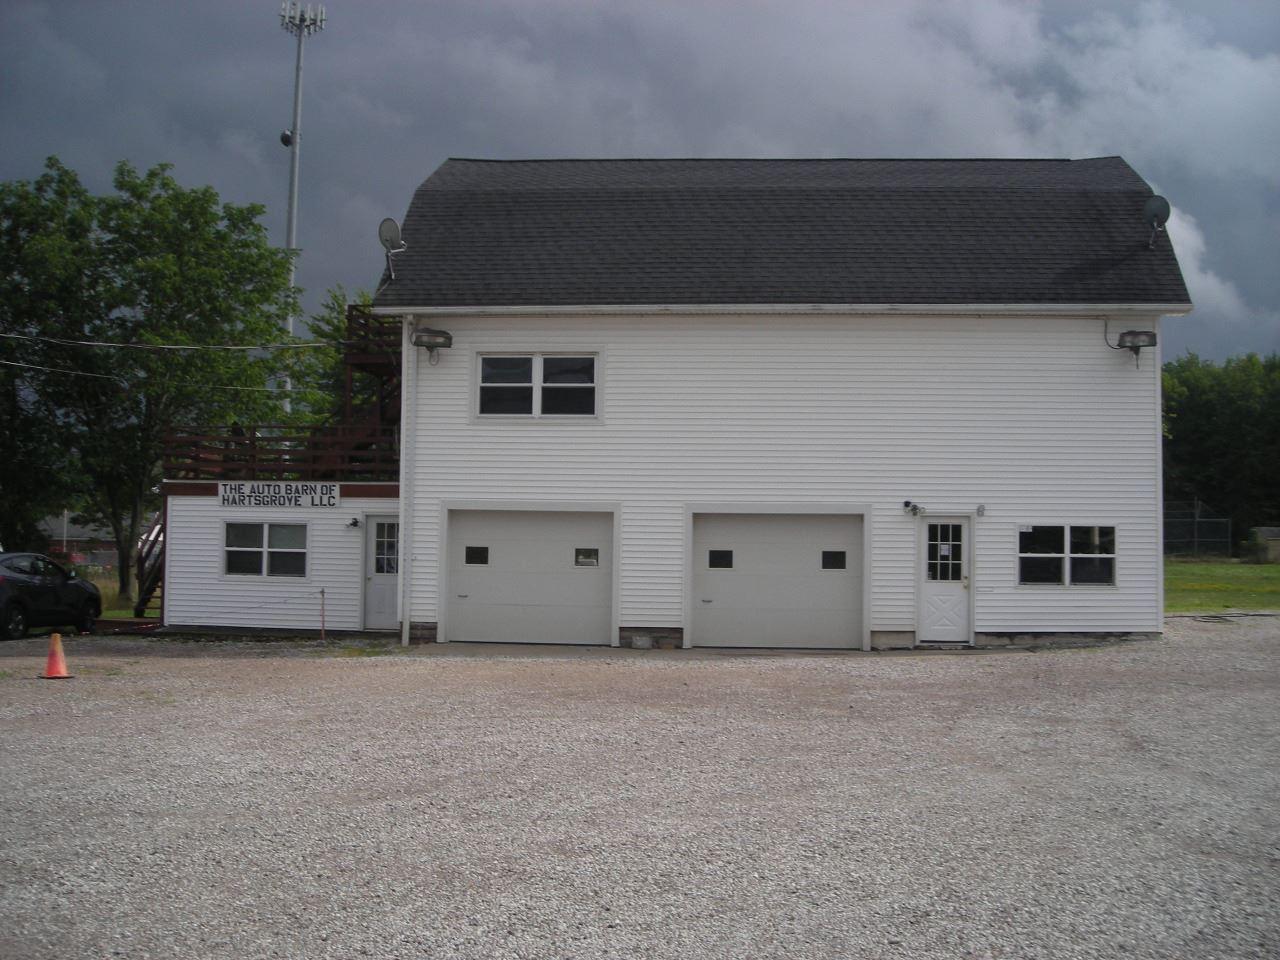 The Auto Barn of Hartsgrove